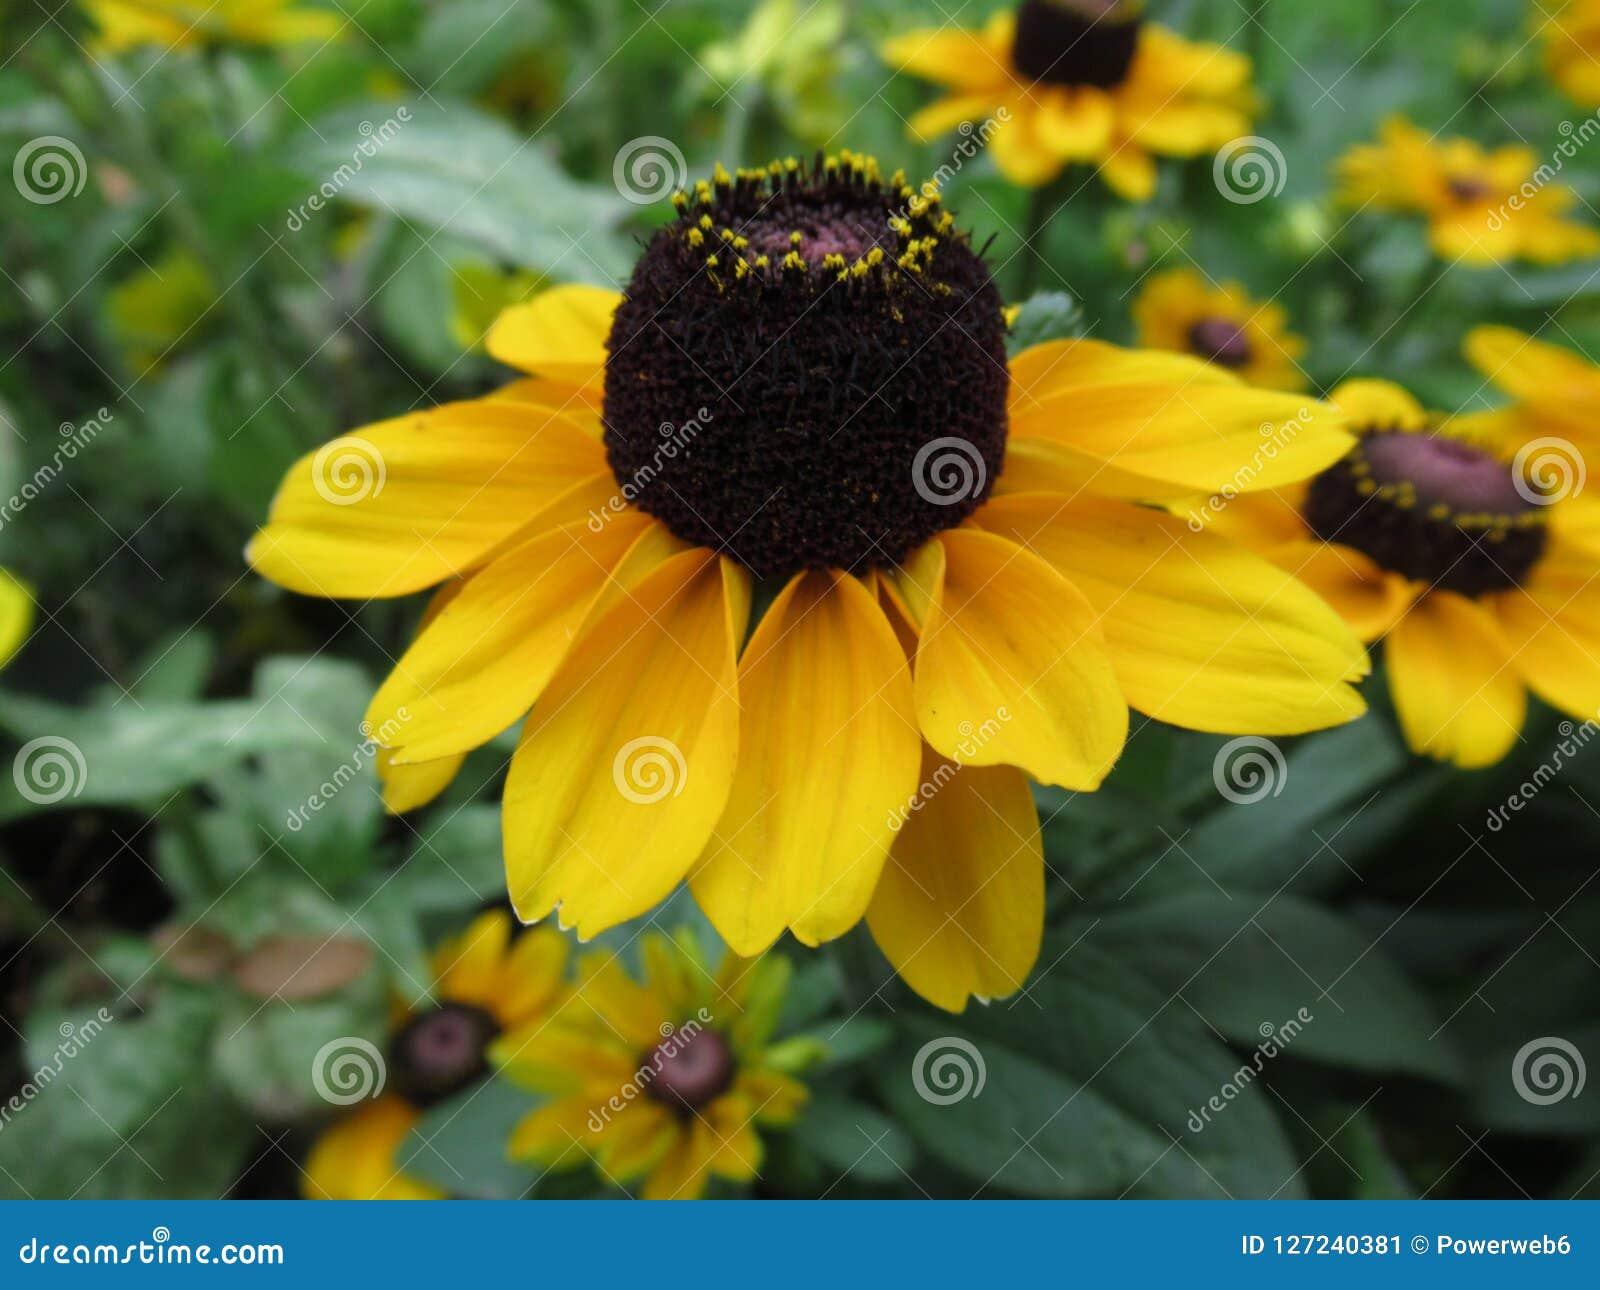 Beautiful yellow sun hat flower, flowers meadow